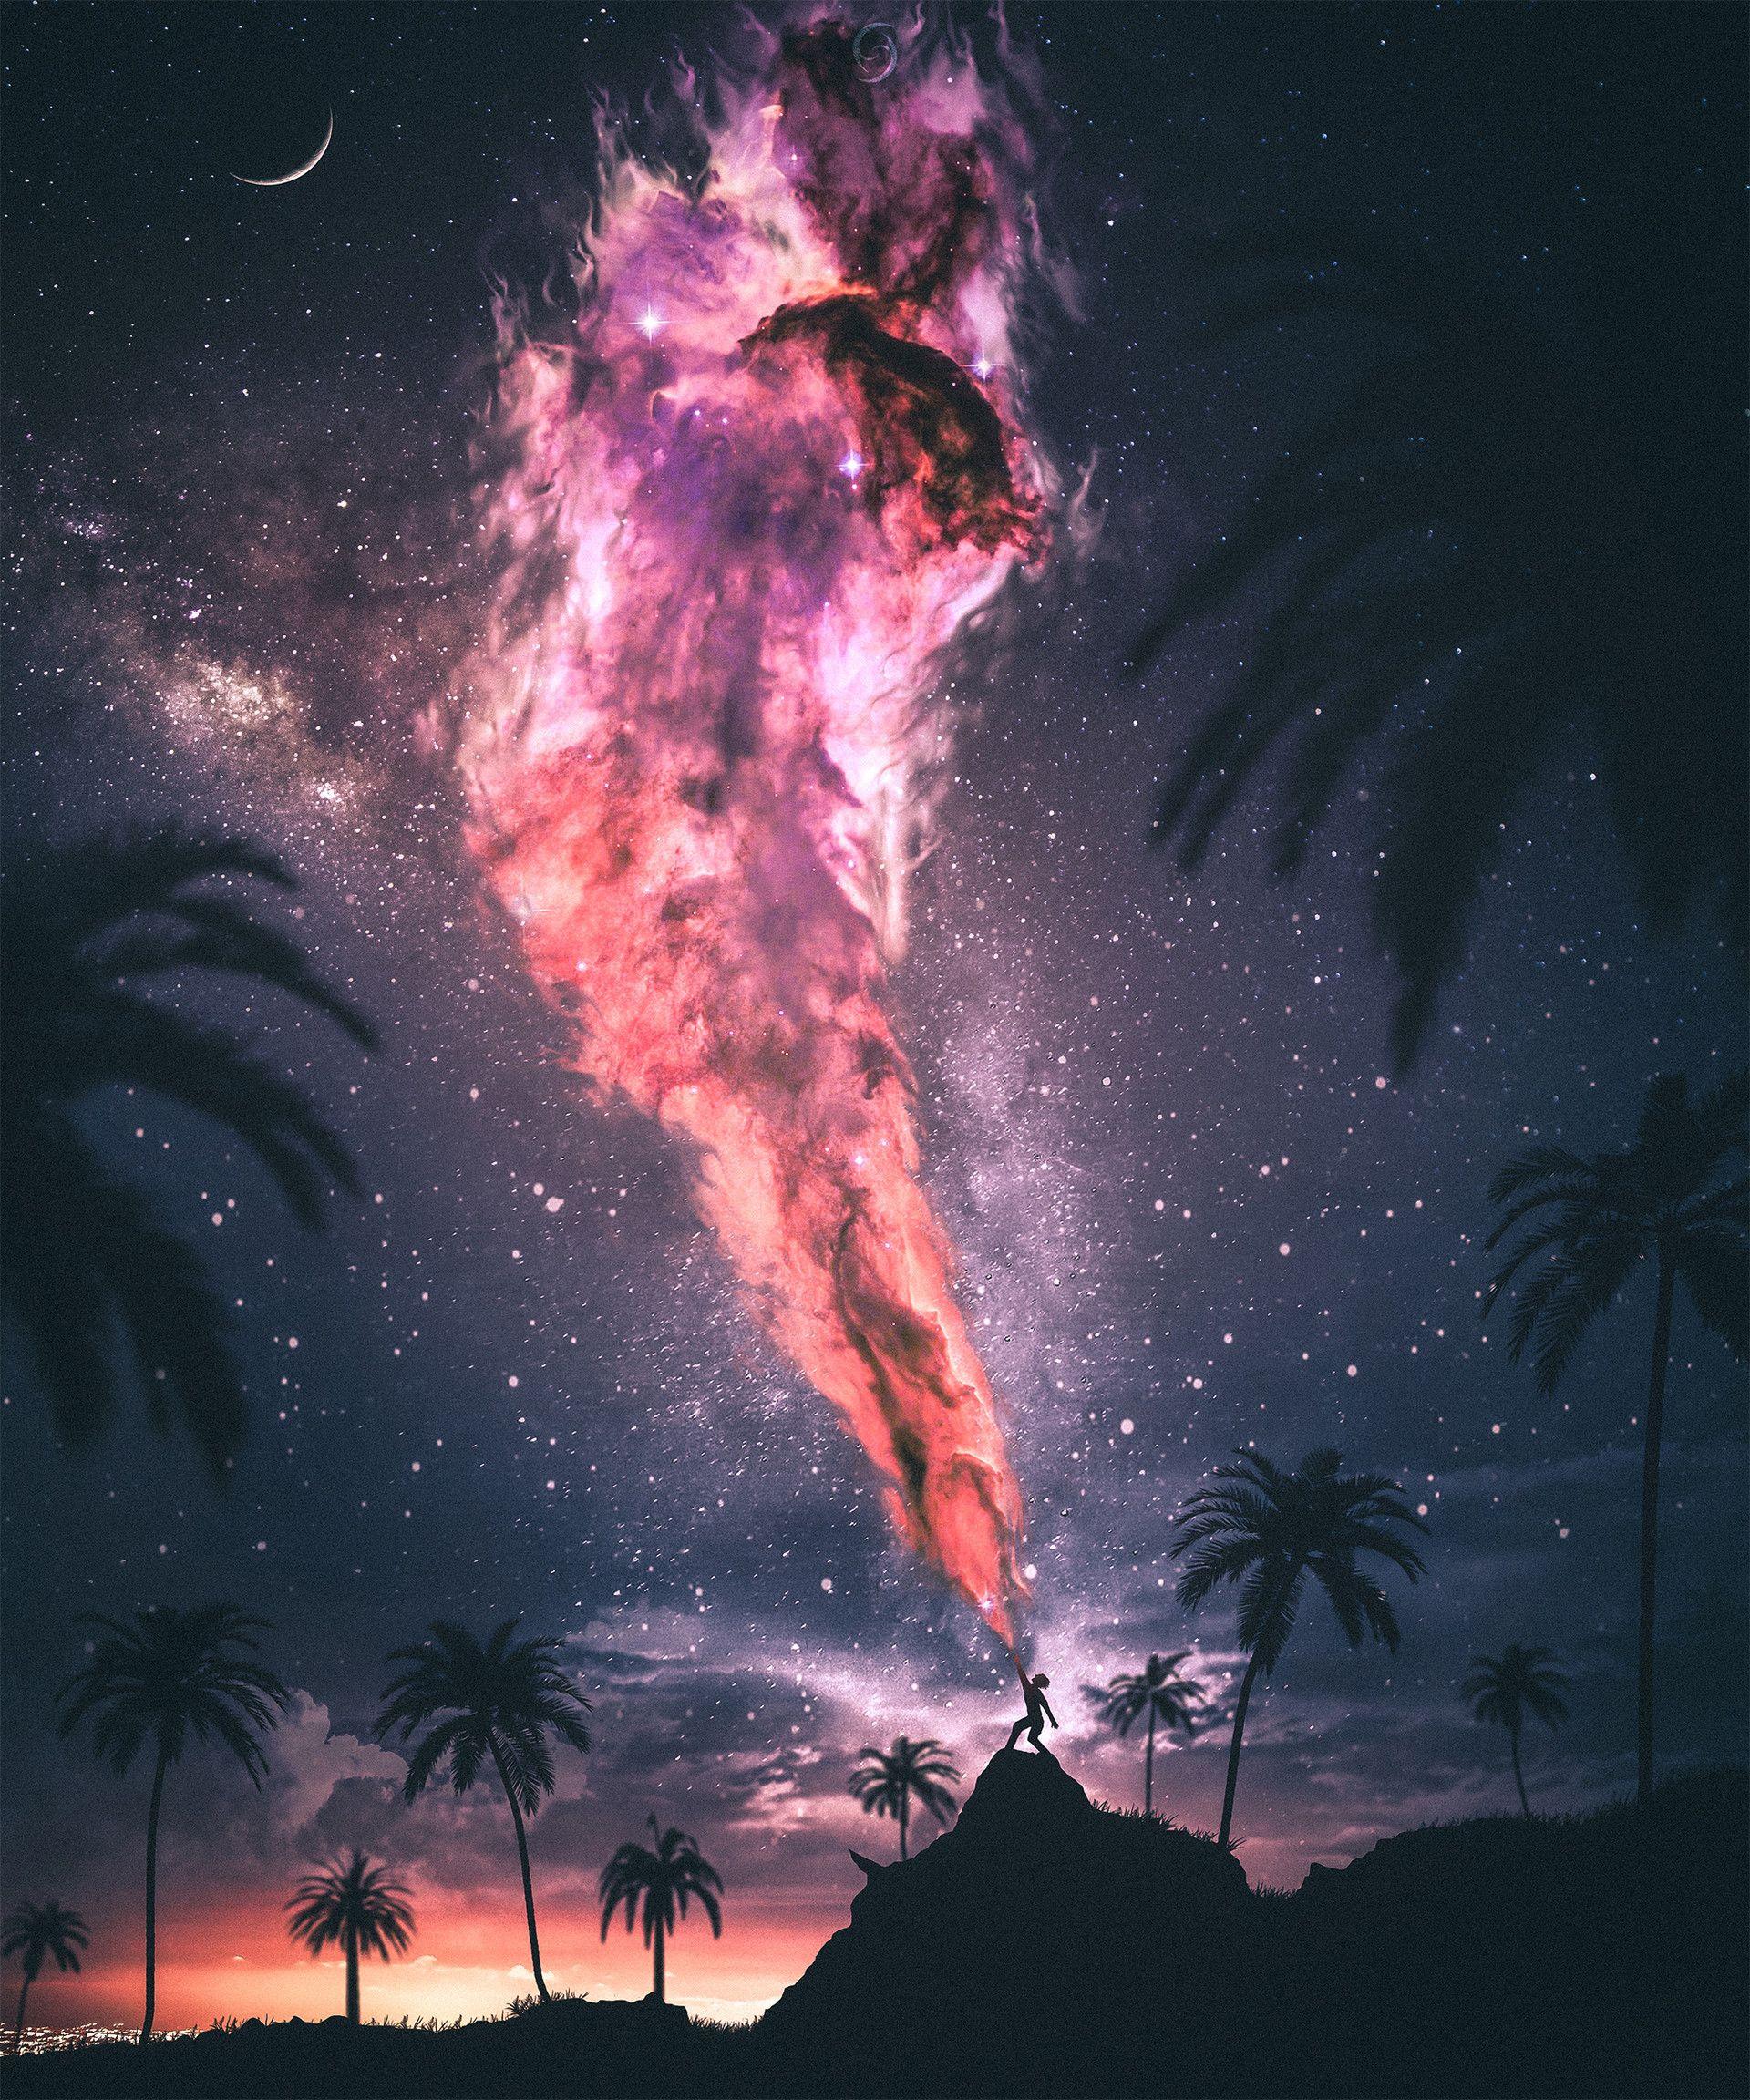 Nebula Benders, Aaron Soletare